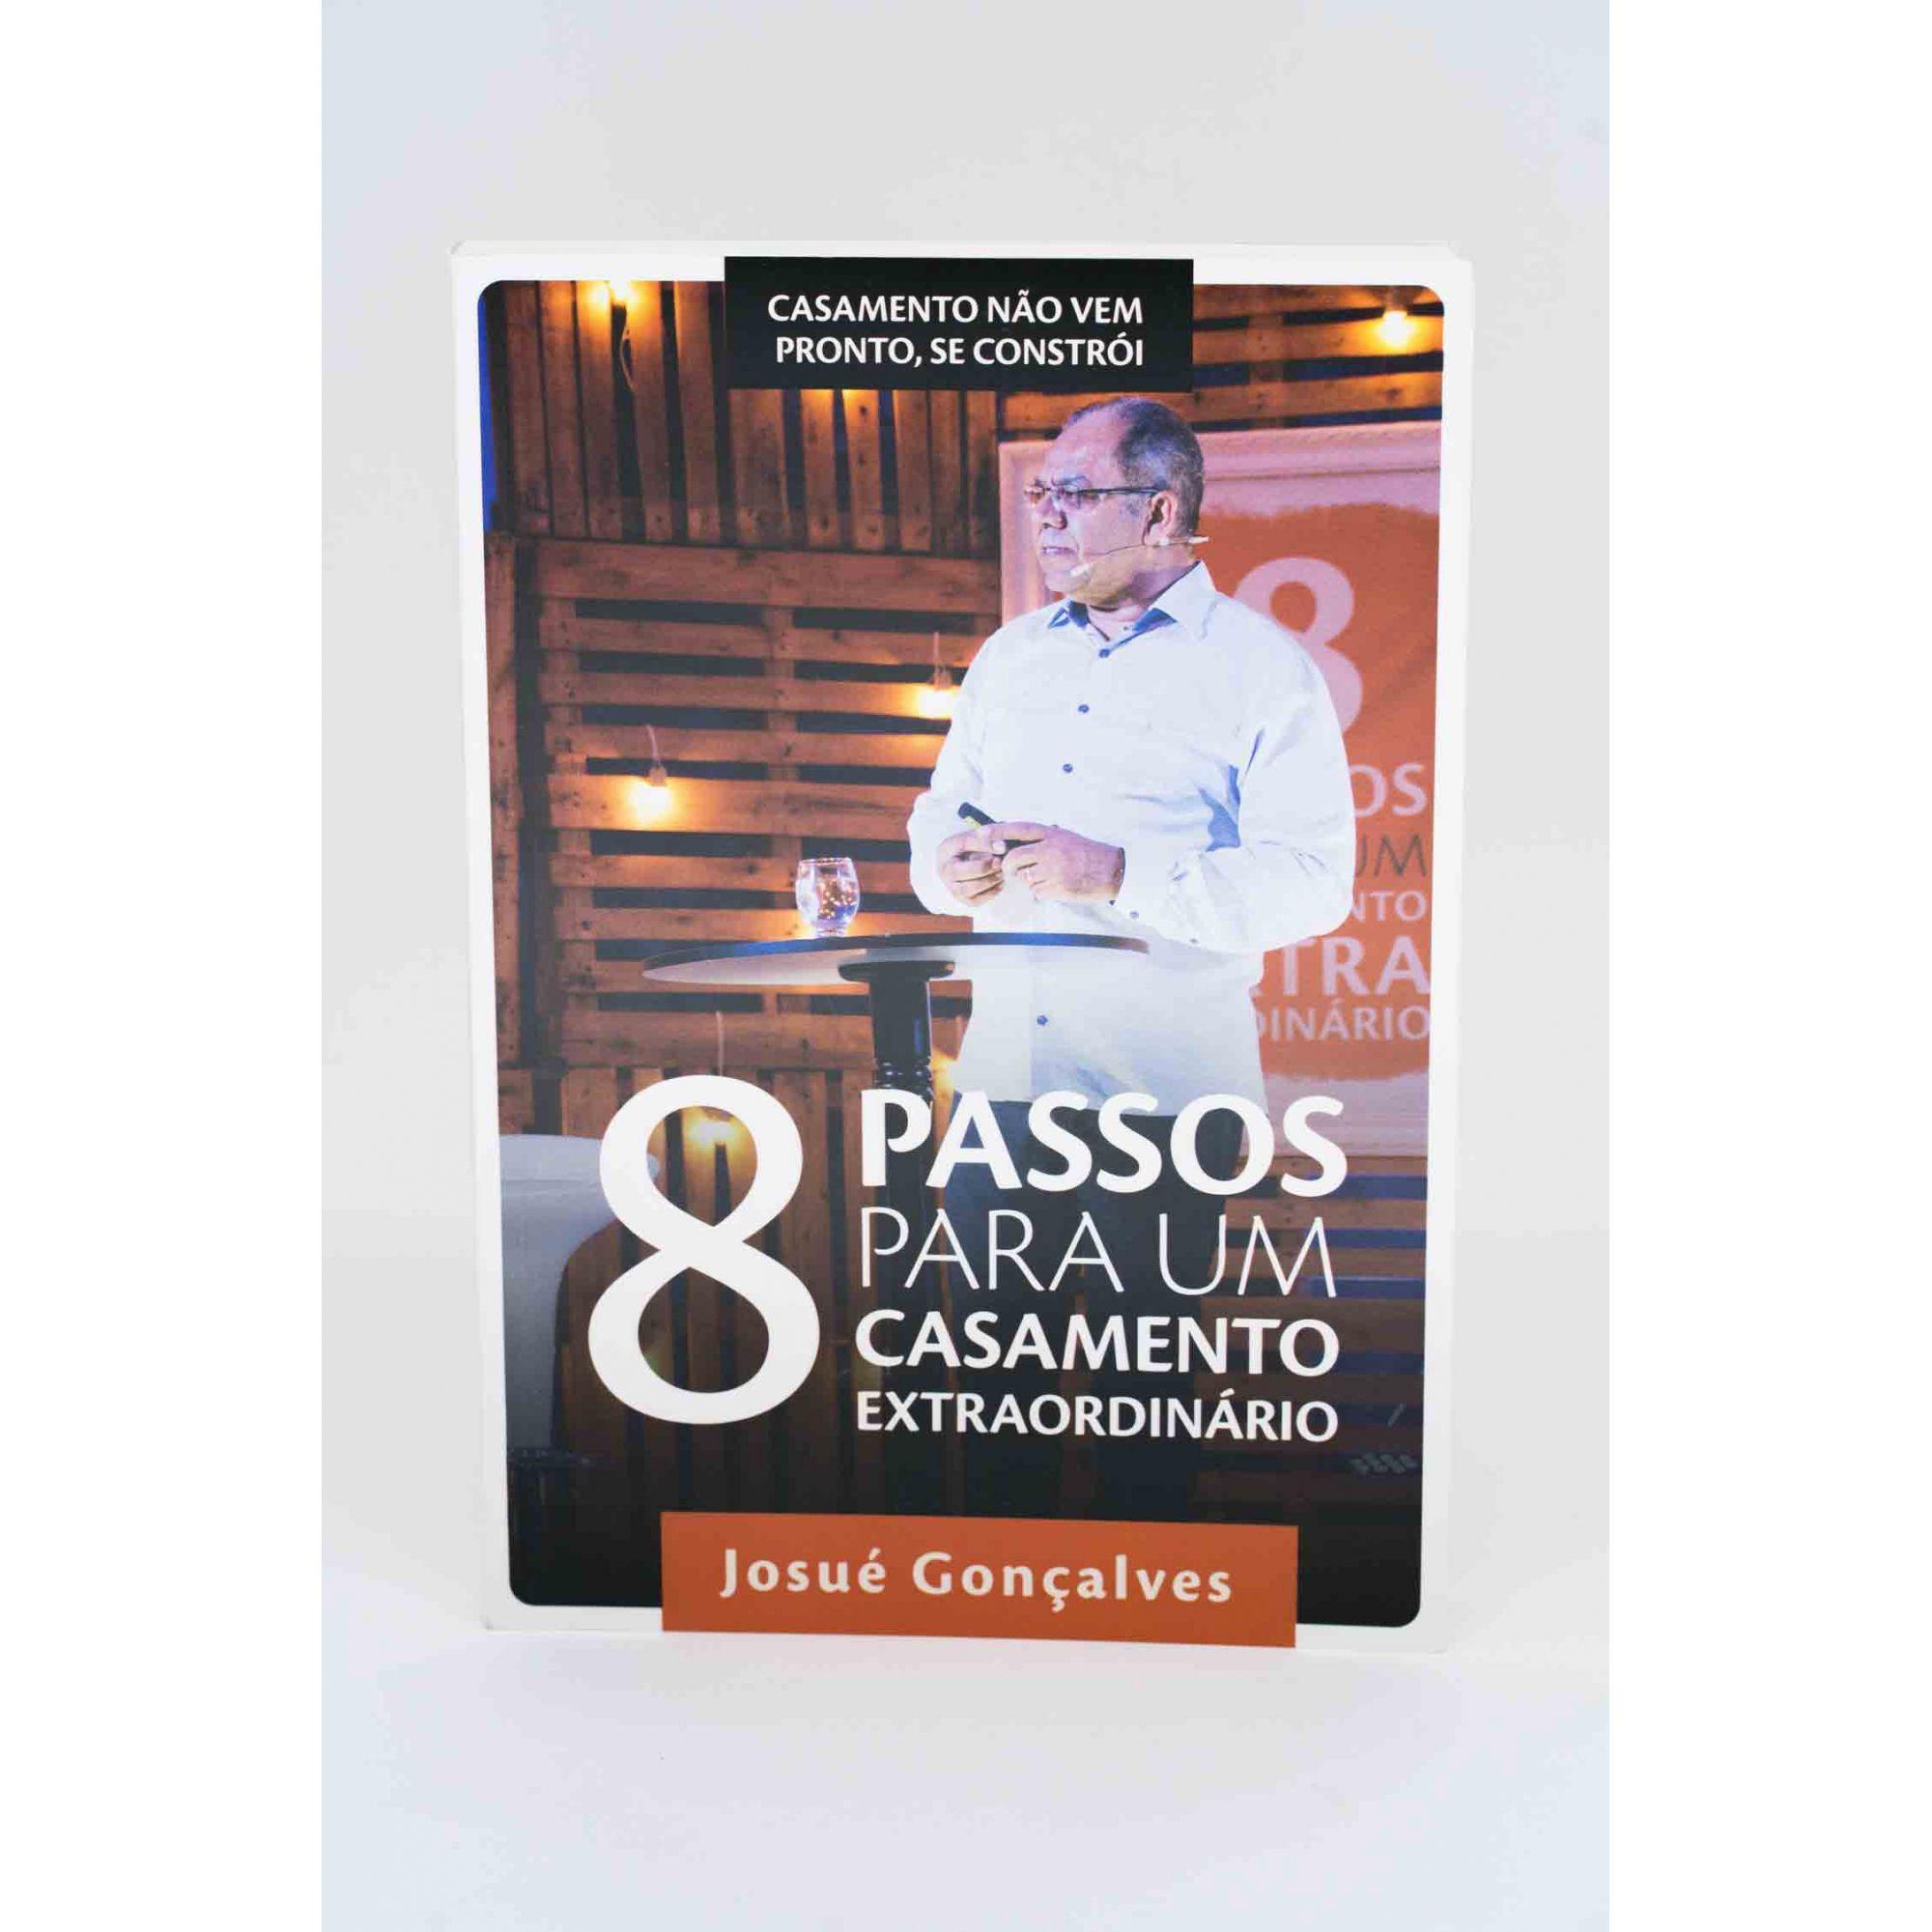 Livro - 8 Passos para um Casamento Extraordinário